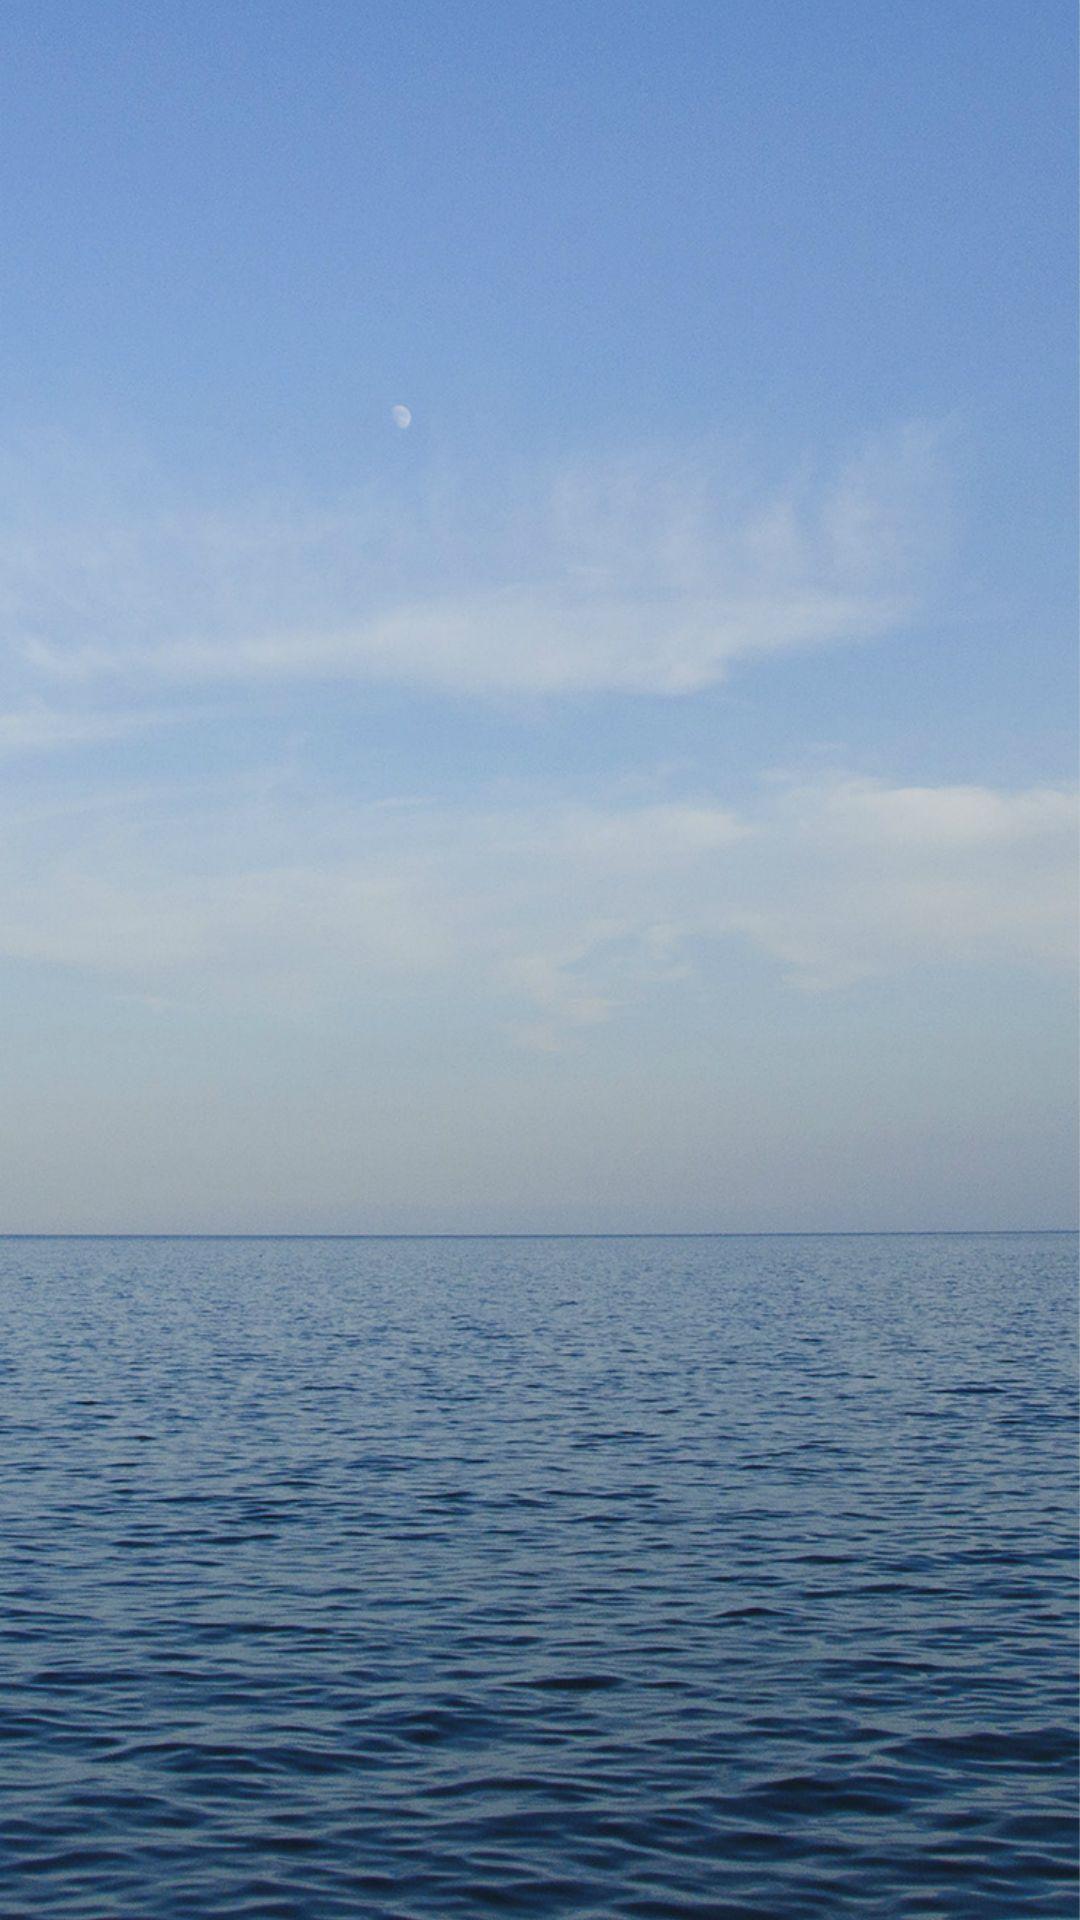 Wallpaper iphone sea - Sea Blue Ocean Sky Nature Iphone 6 Plus Wallpaper